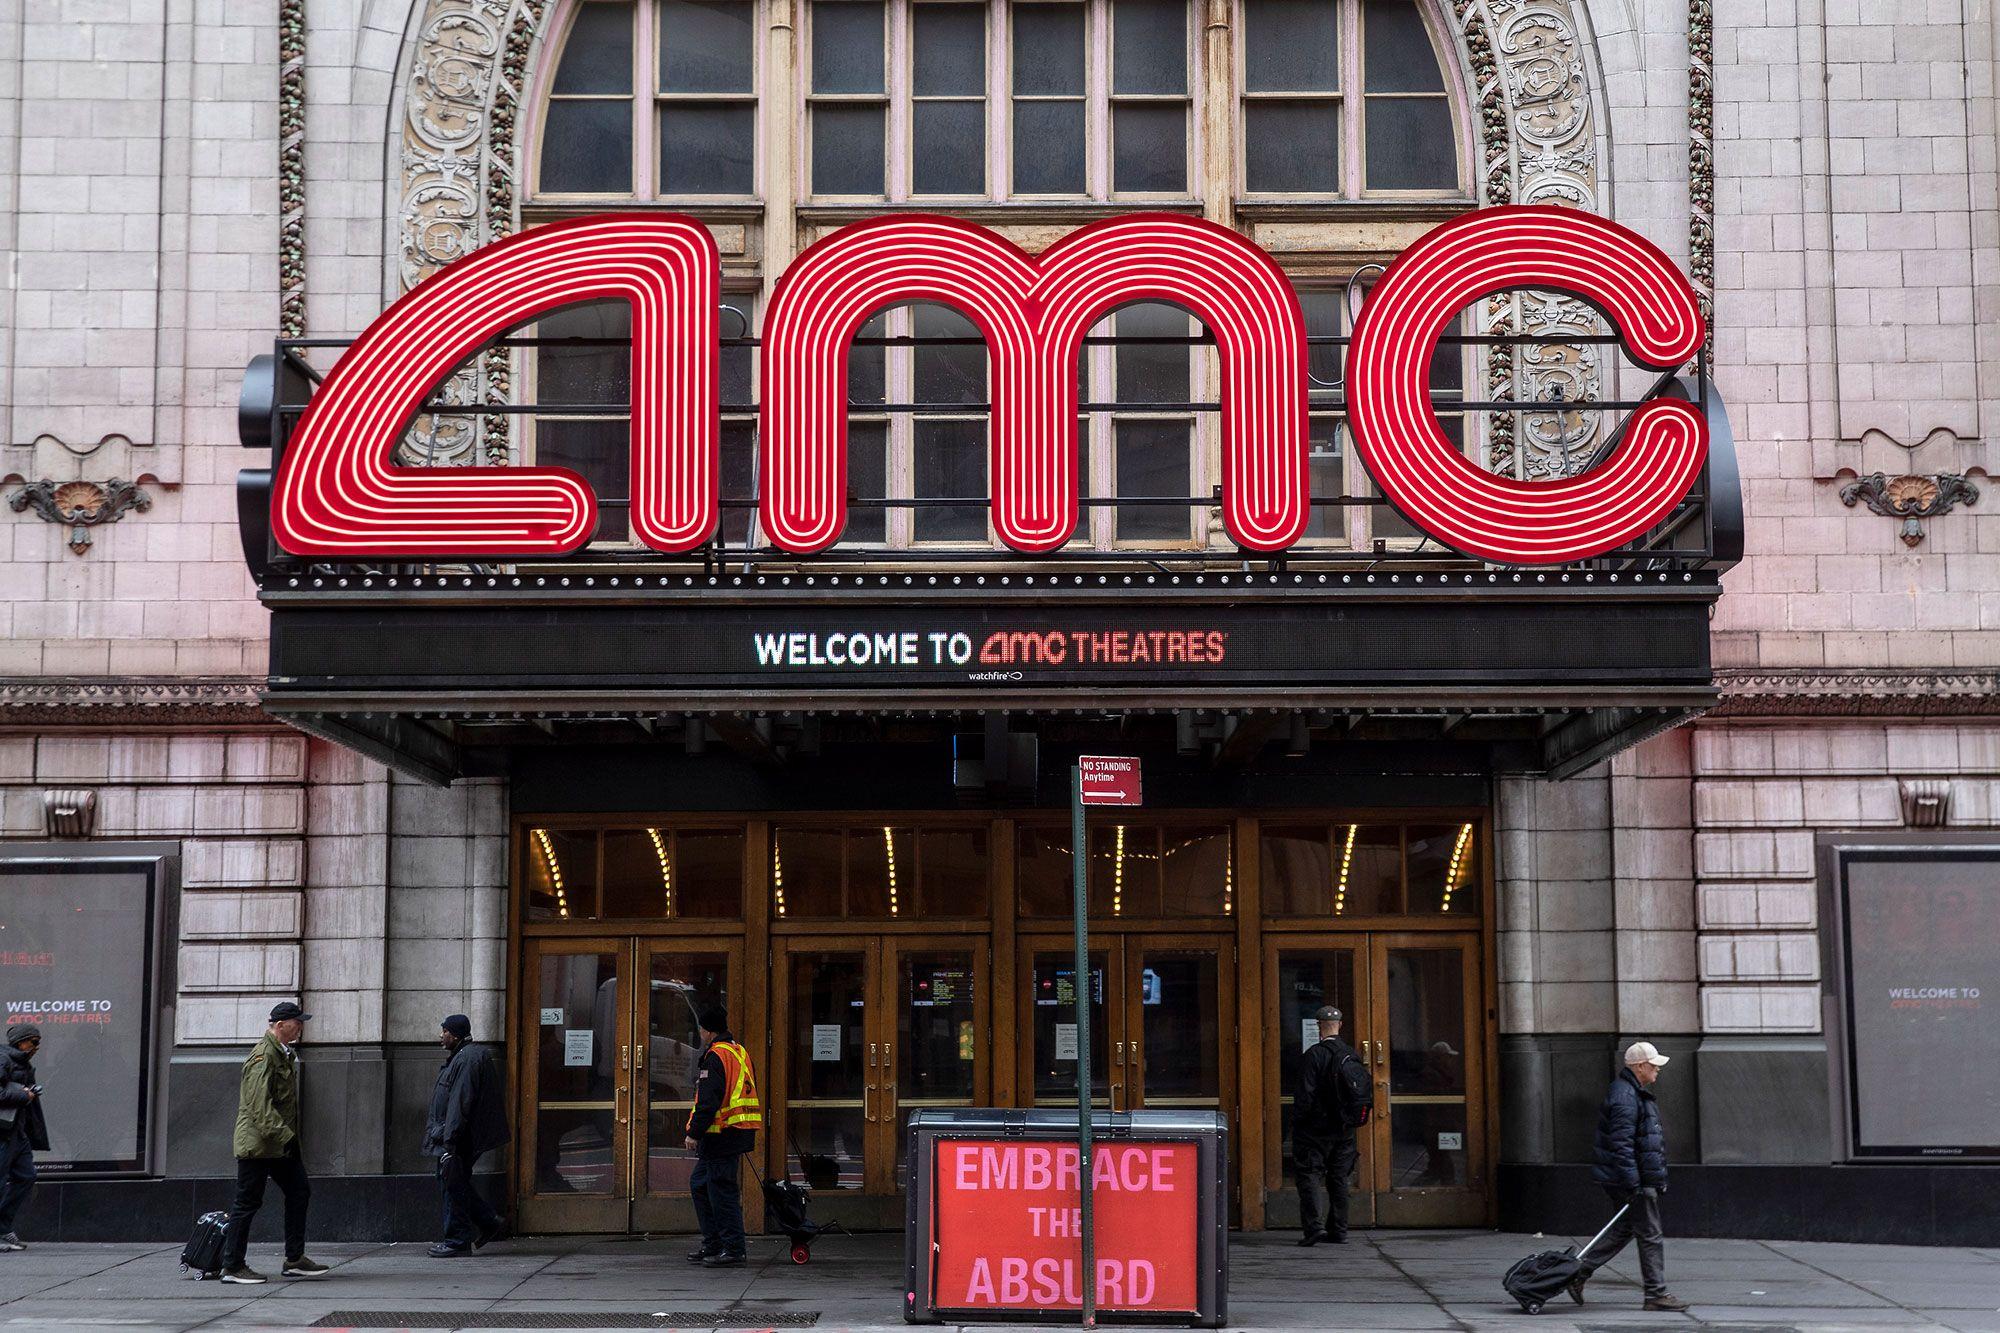 美国AMC影院宣布8月20日重启,当天15美分看电影